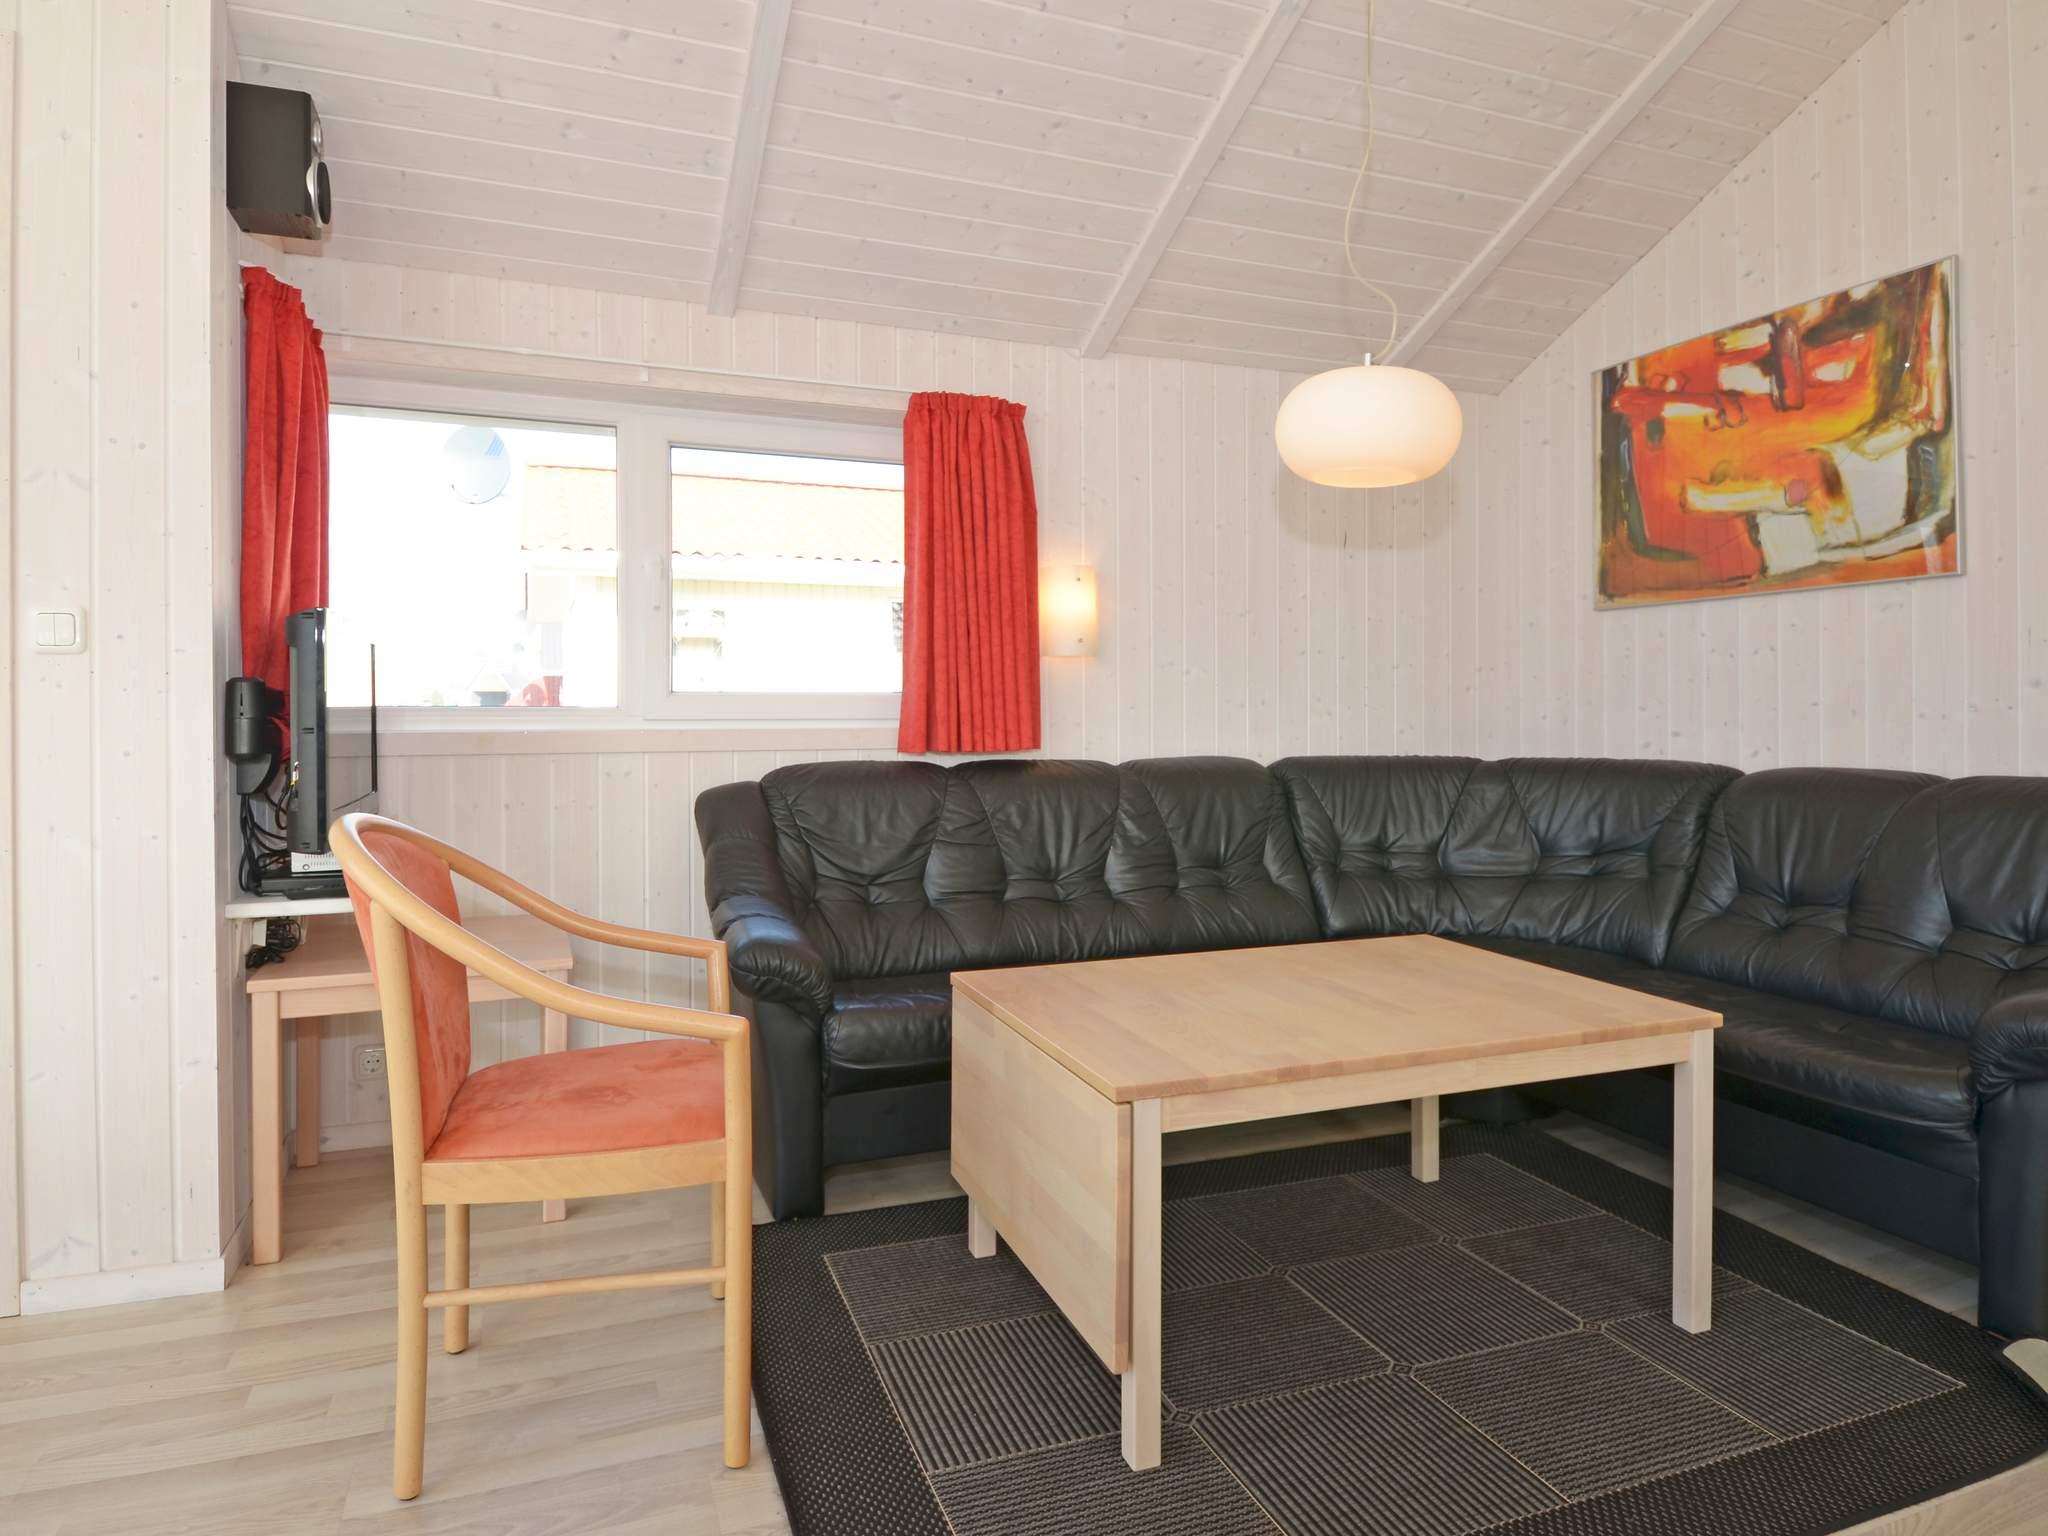 Maison de vacances Grömitz (433402), Grömitz, Baie de Lübeck, Schleswig-Holstein, Allemagne, image 2